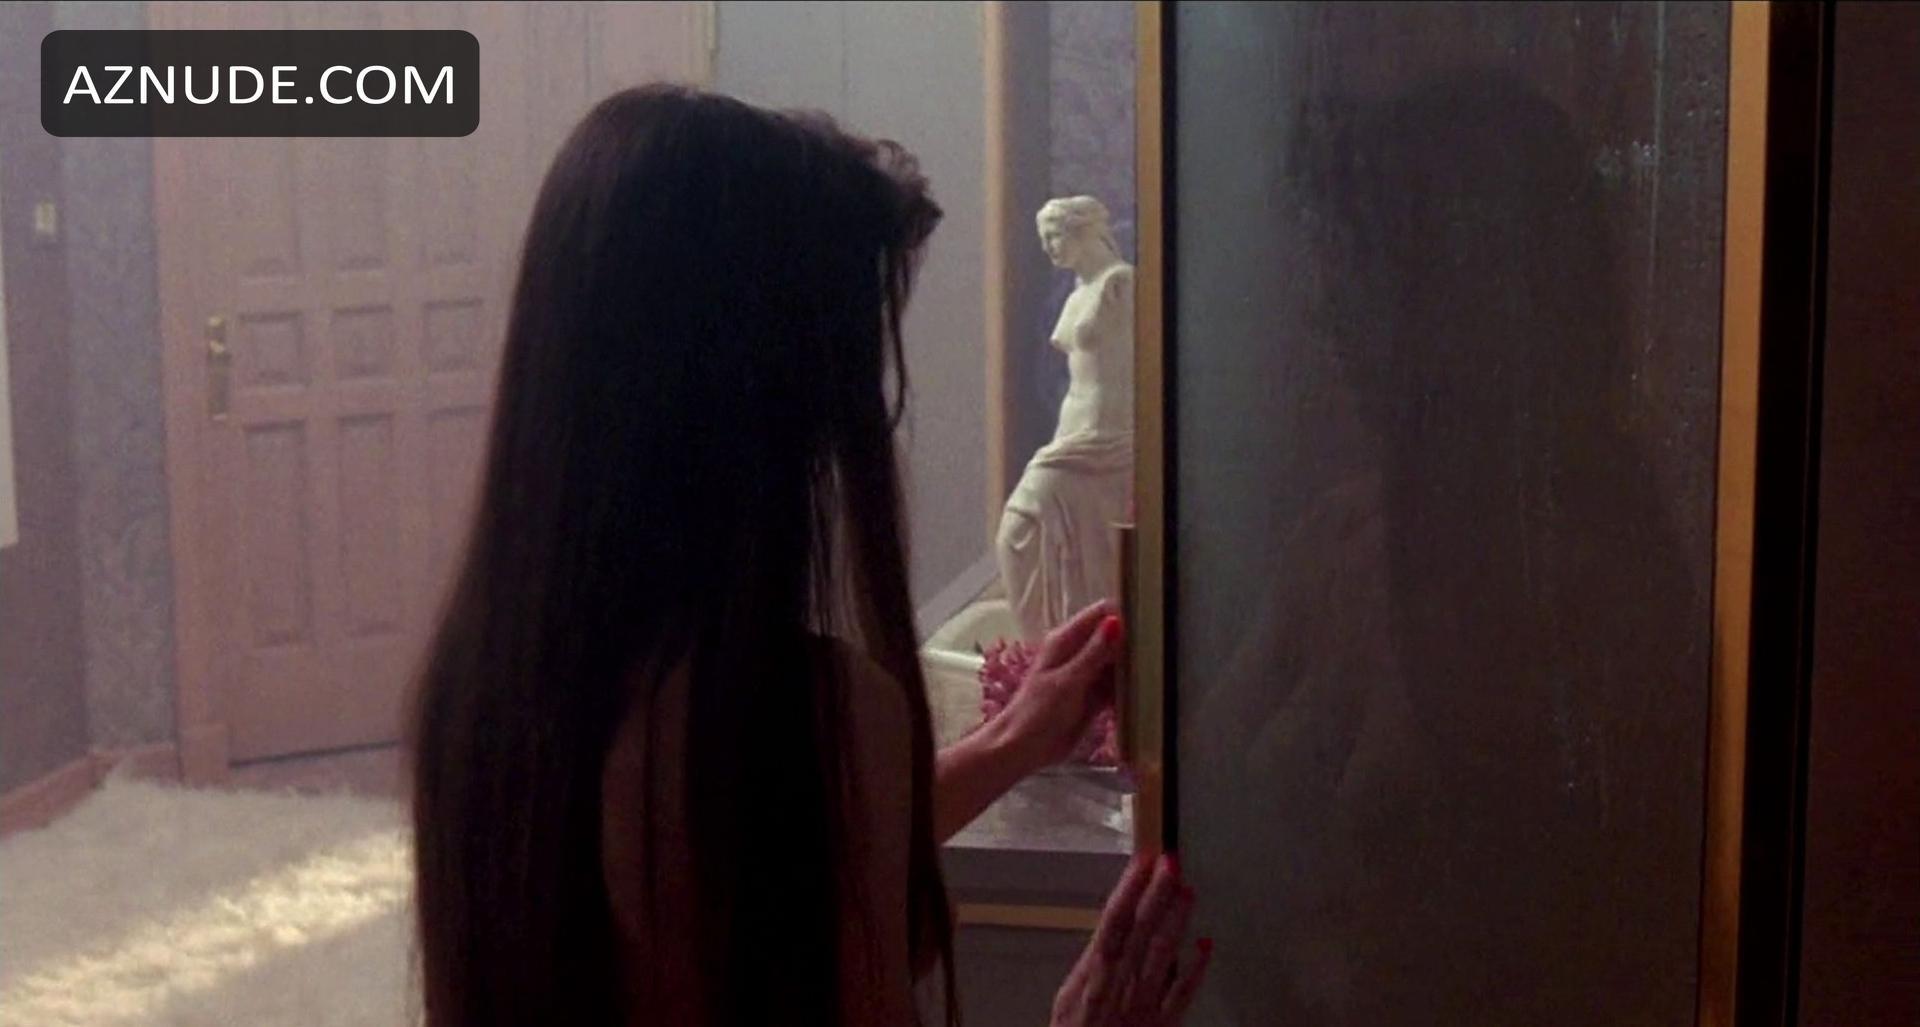 Finola hughes sexy scene in aspen extreme aznude